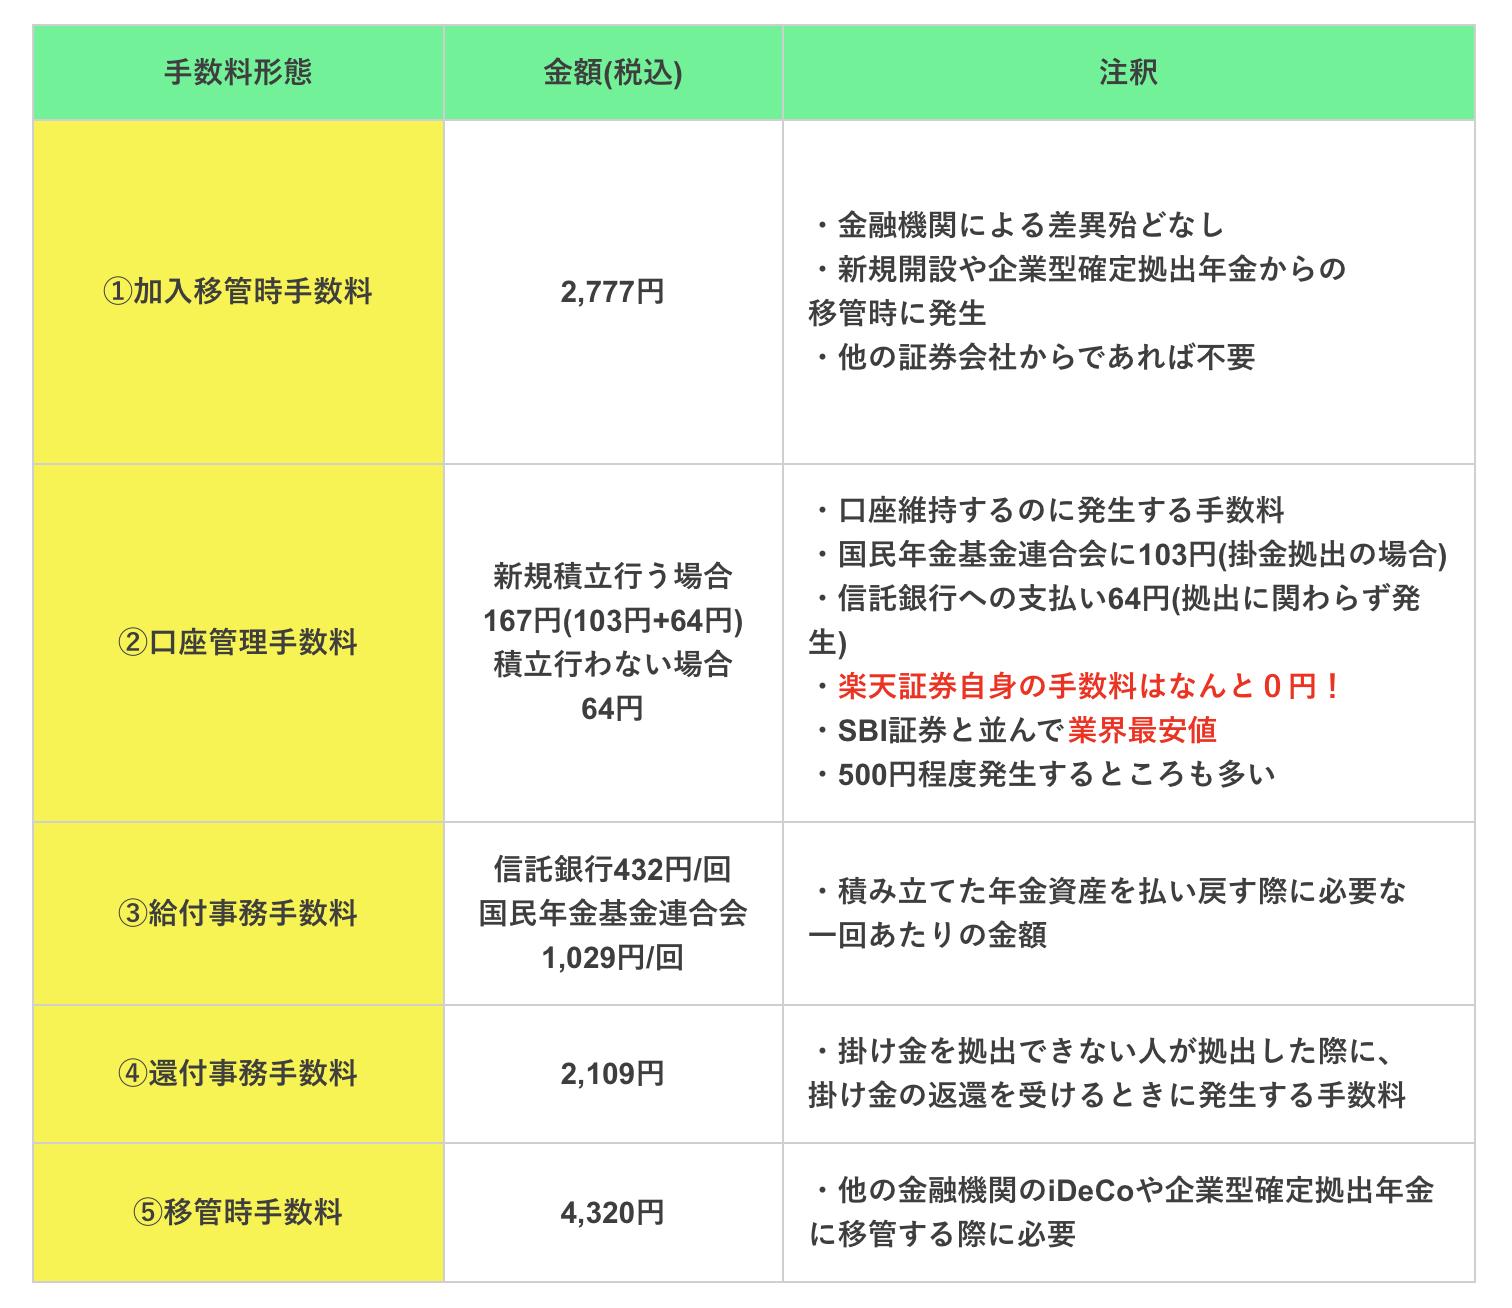 楽天証券のiDeCo手数料